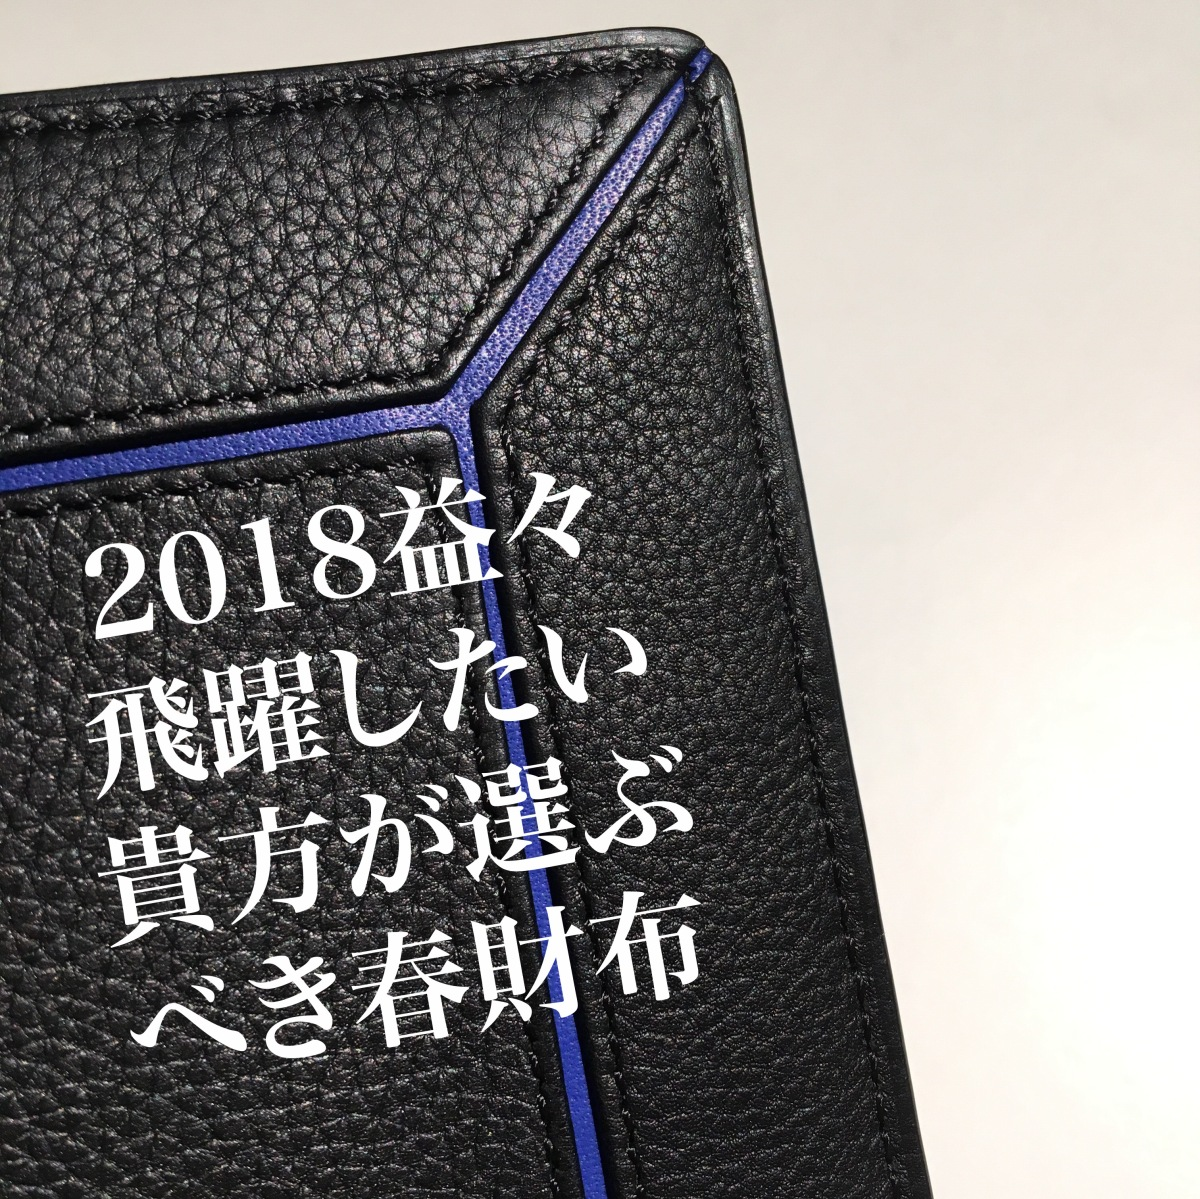 2018年 益々飛躍したい貴方が選ぶべき春財布